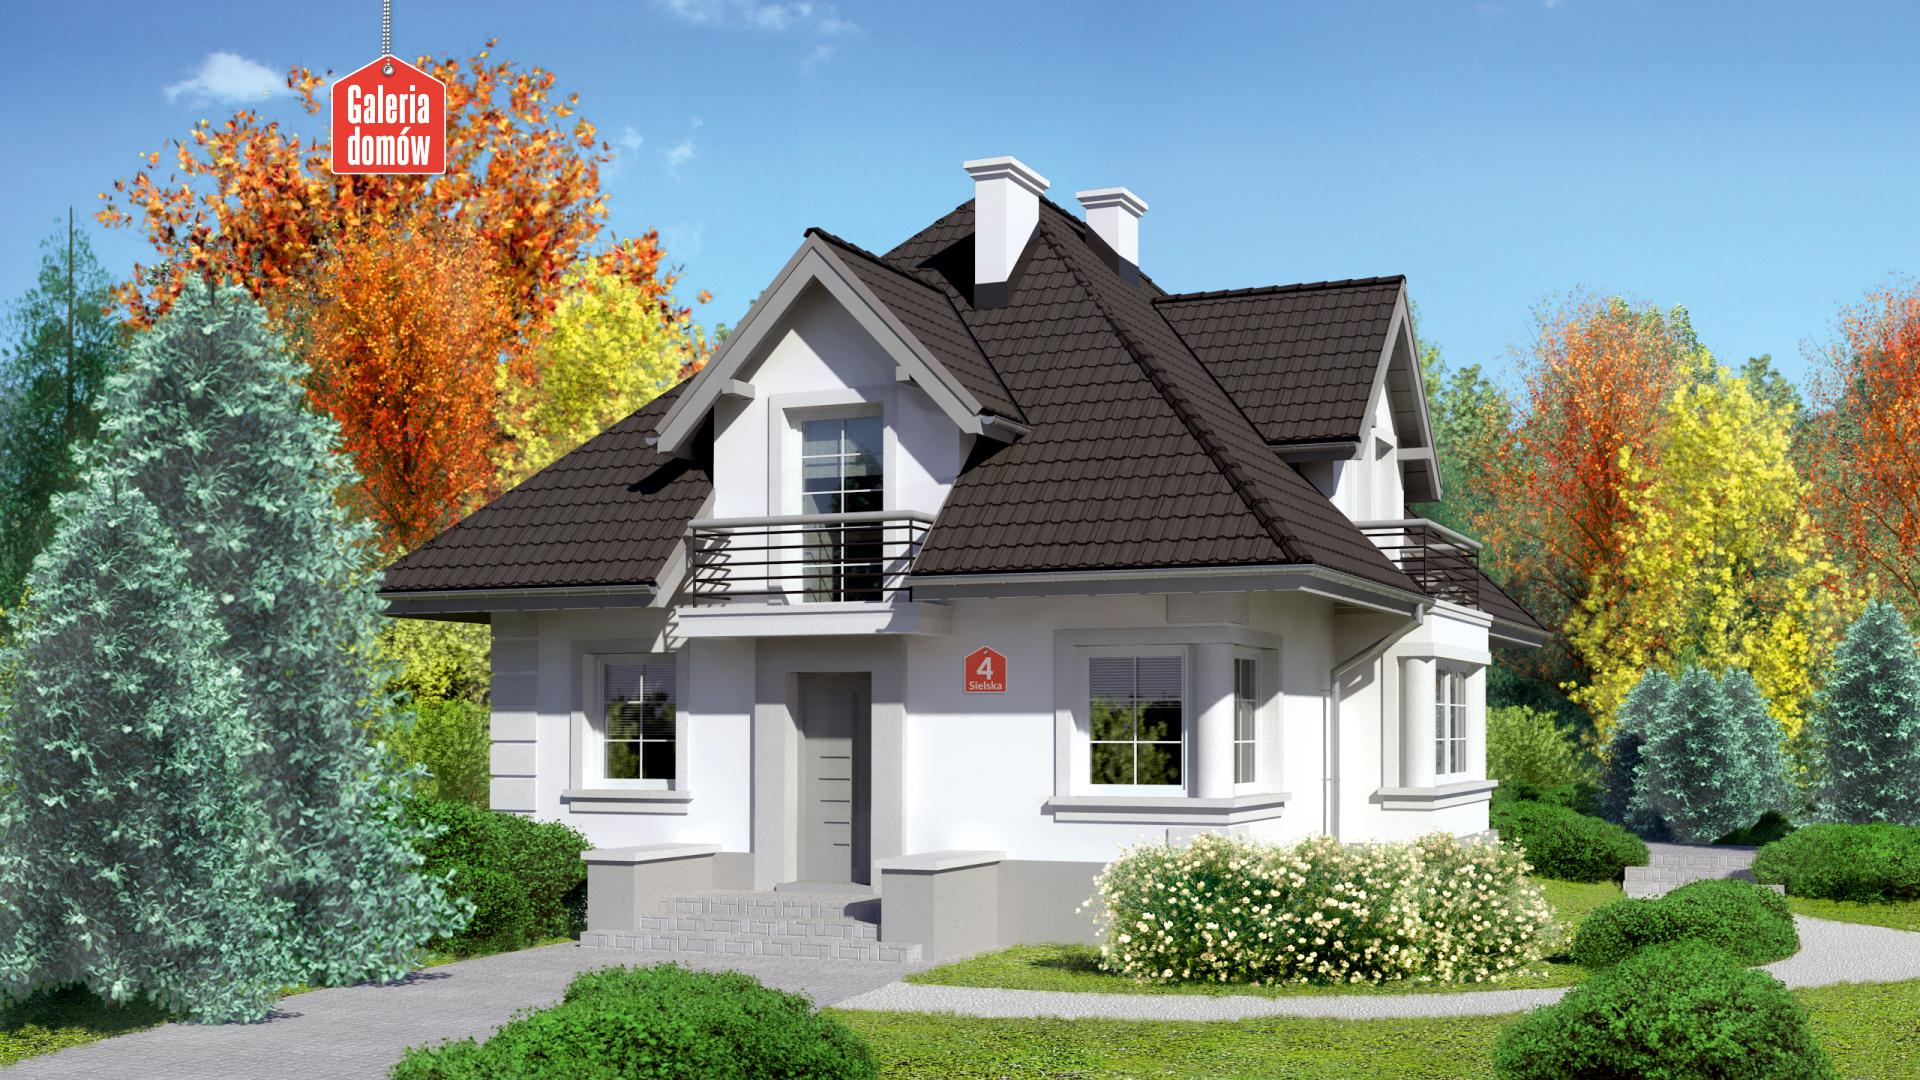 Dom przy Sielskiej 4 - zdjęcie projektu i wizualizacja